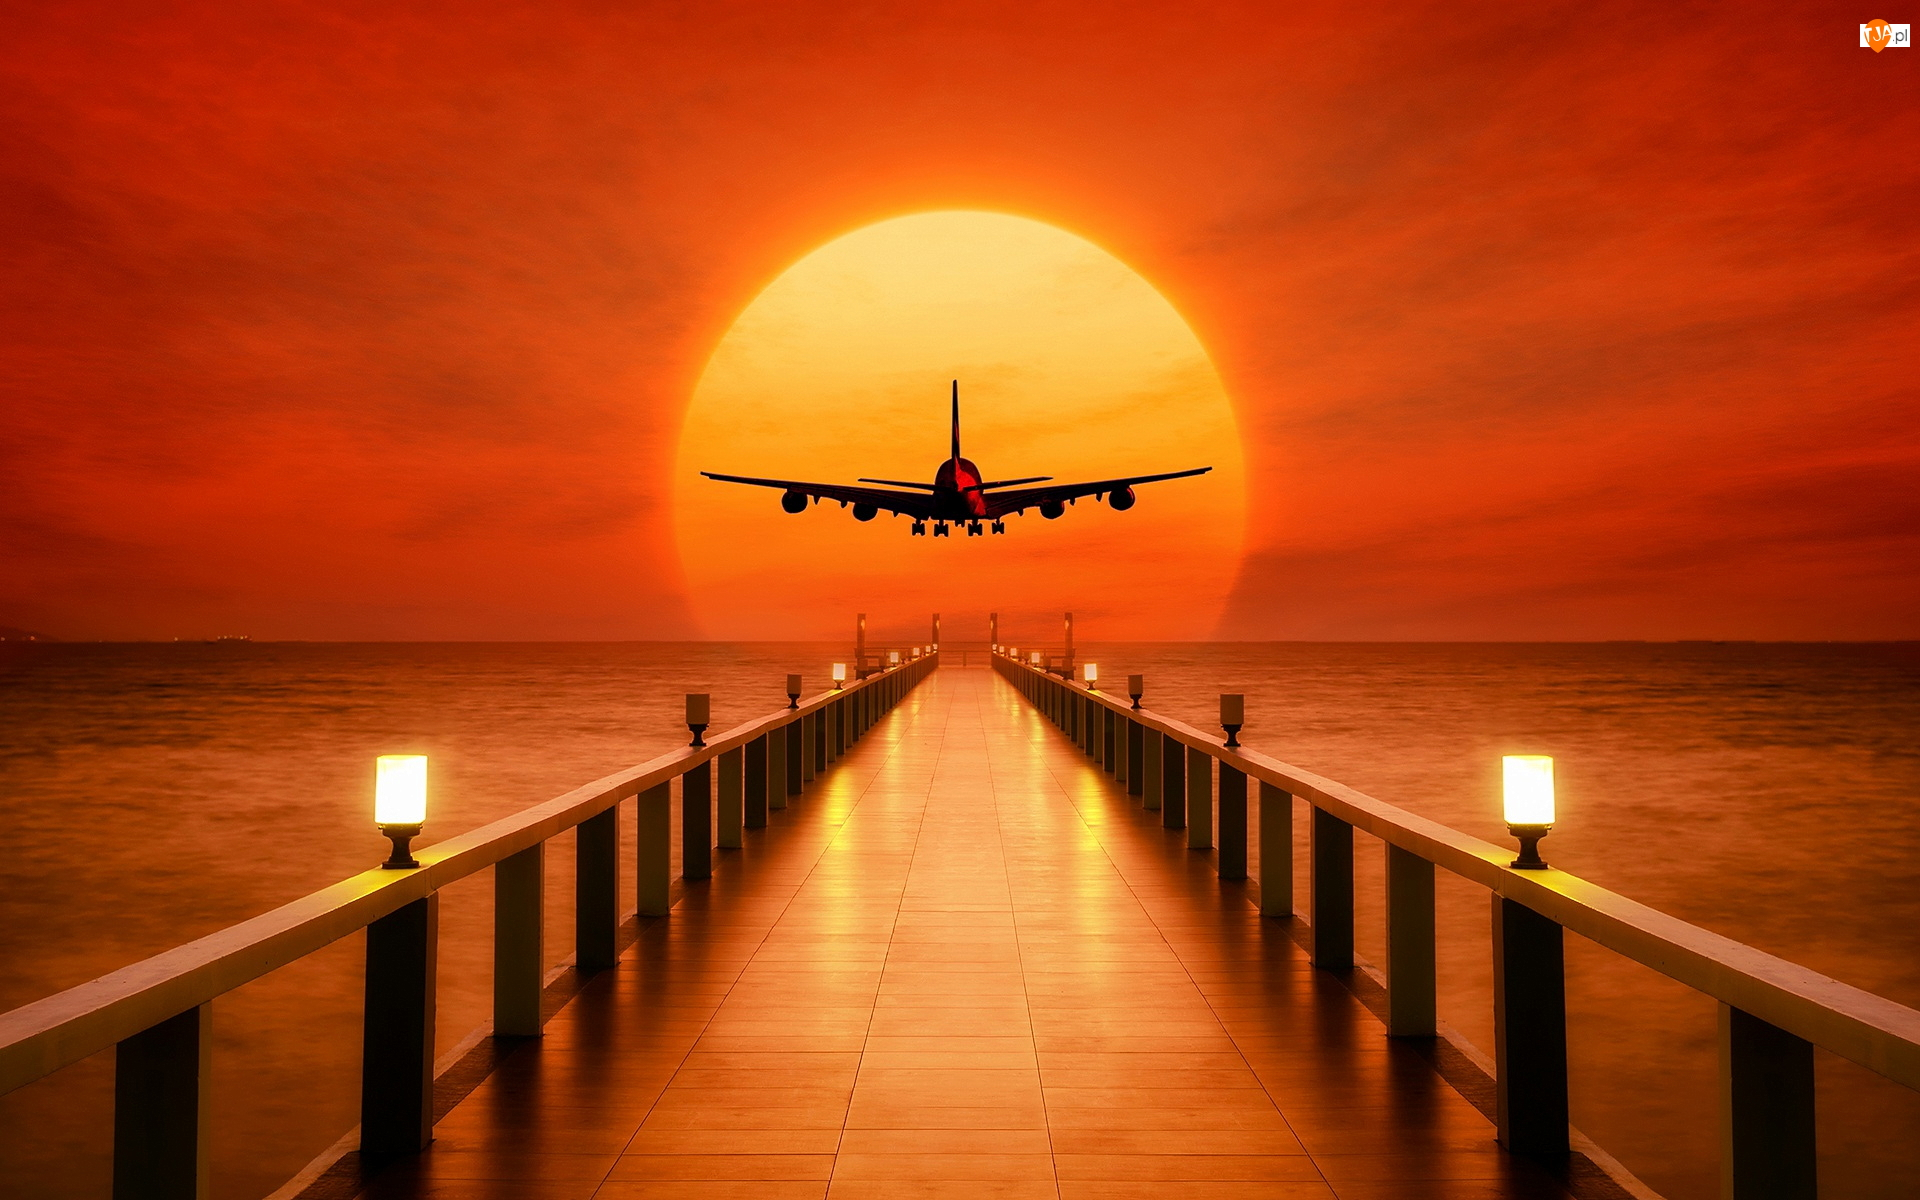 Zachód słońca, Morze, Lampy, 2D, Molo, Samolot